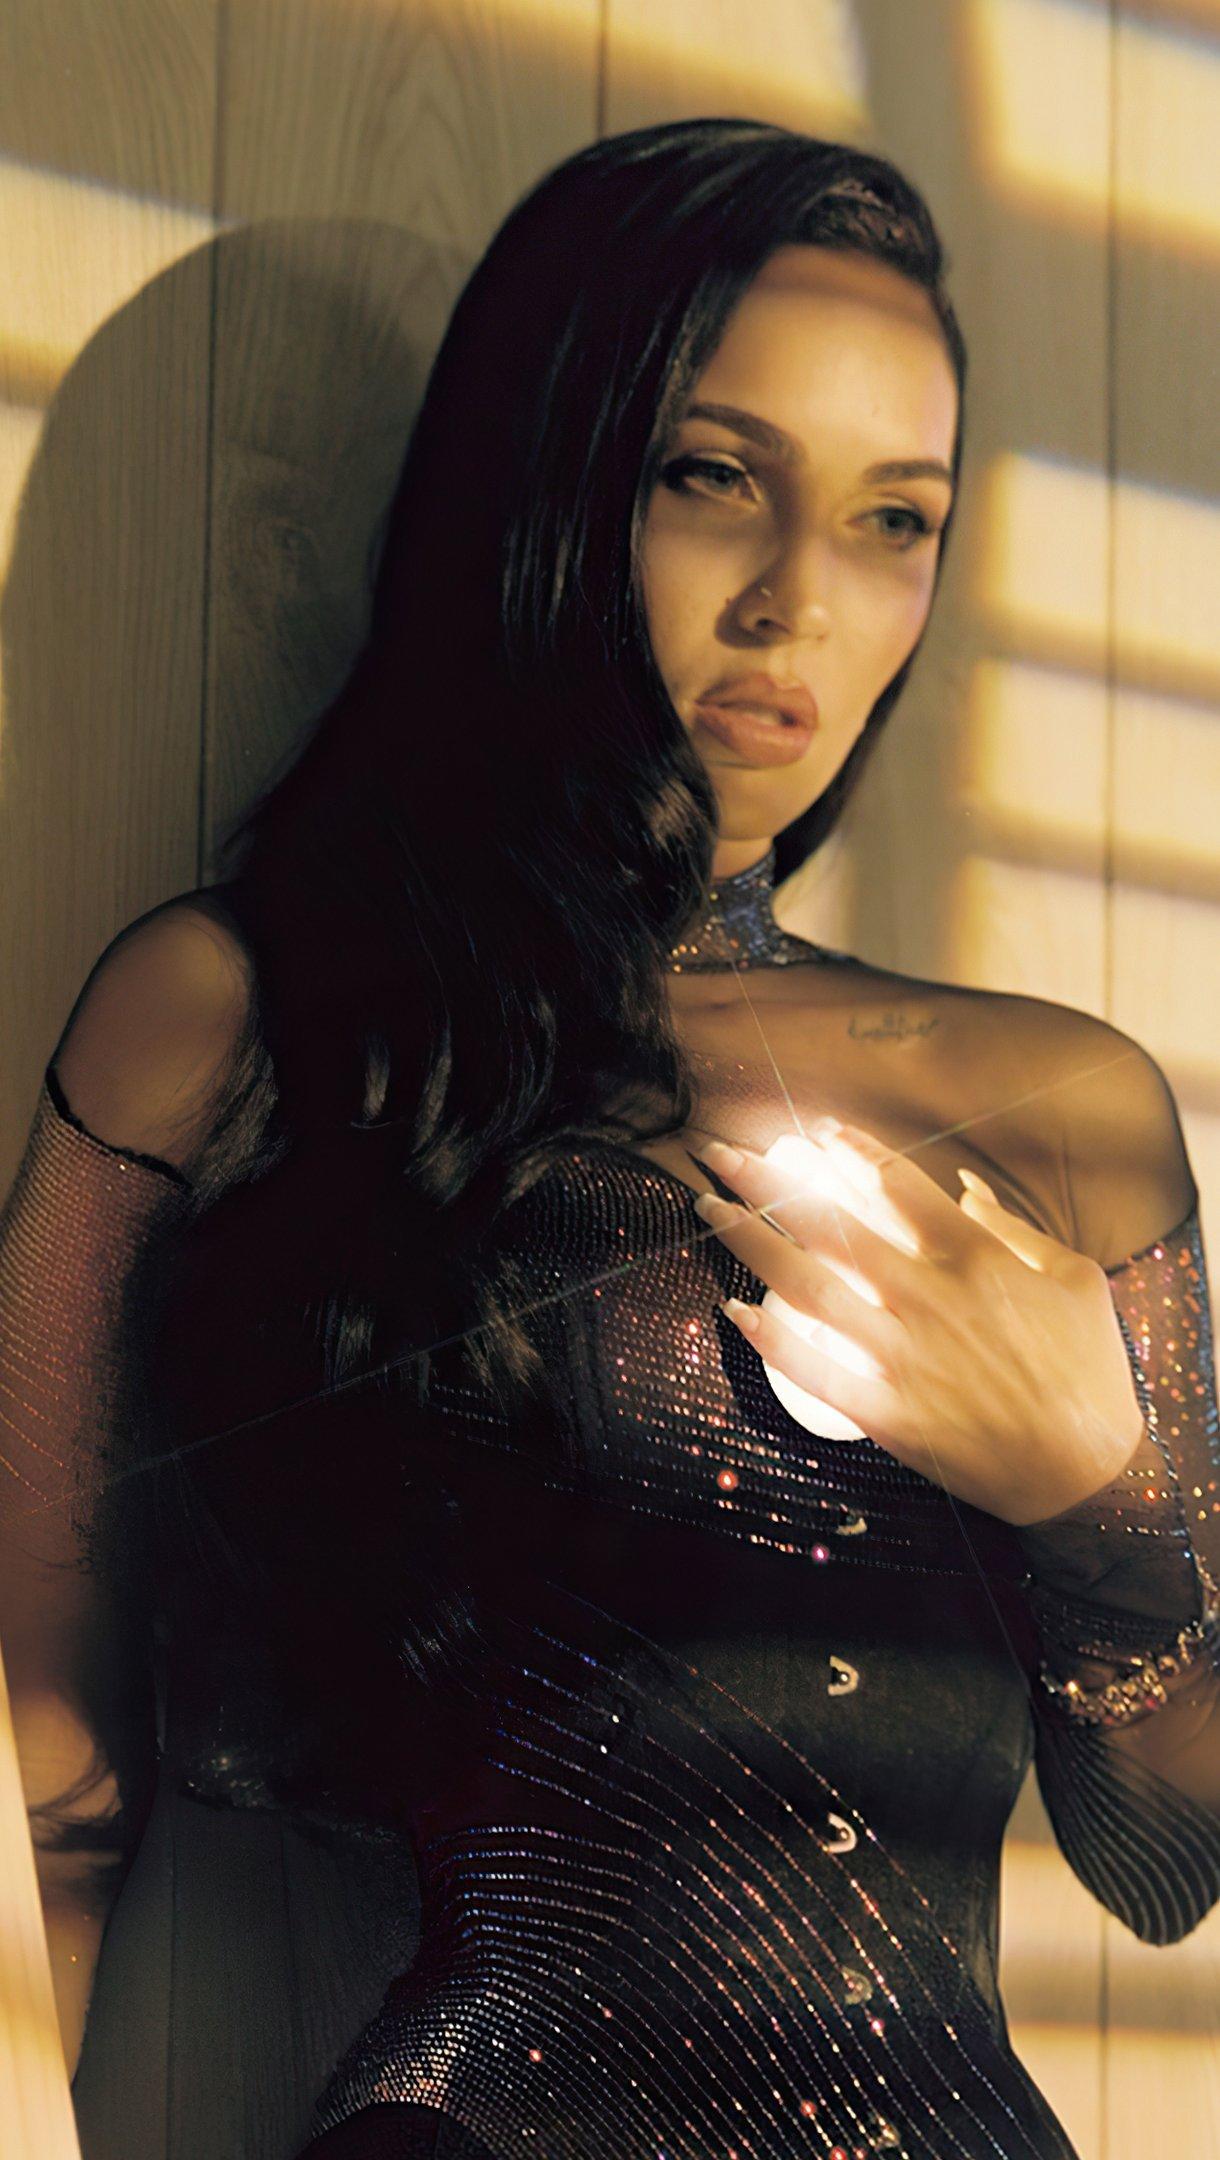 Fondos de pantalla Megan Fox CR Fashion book Vertical